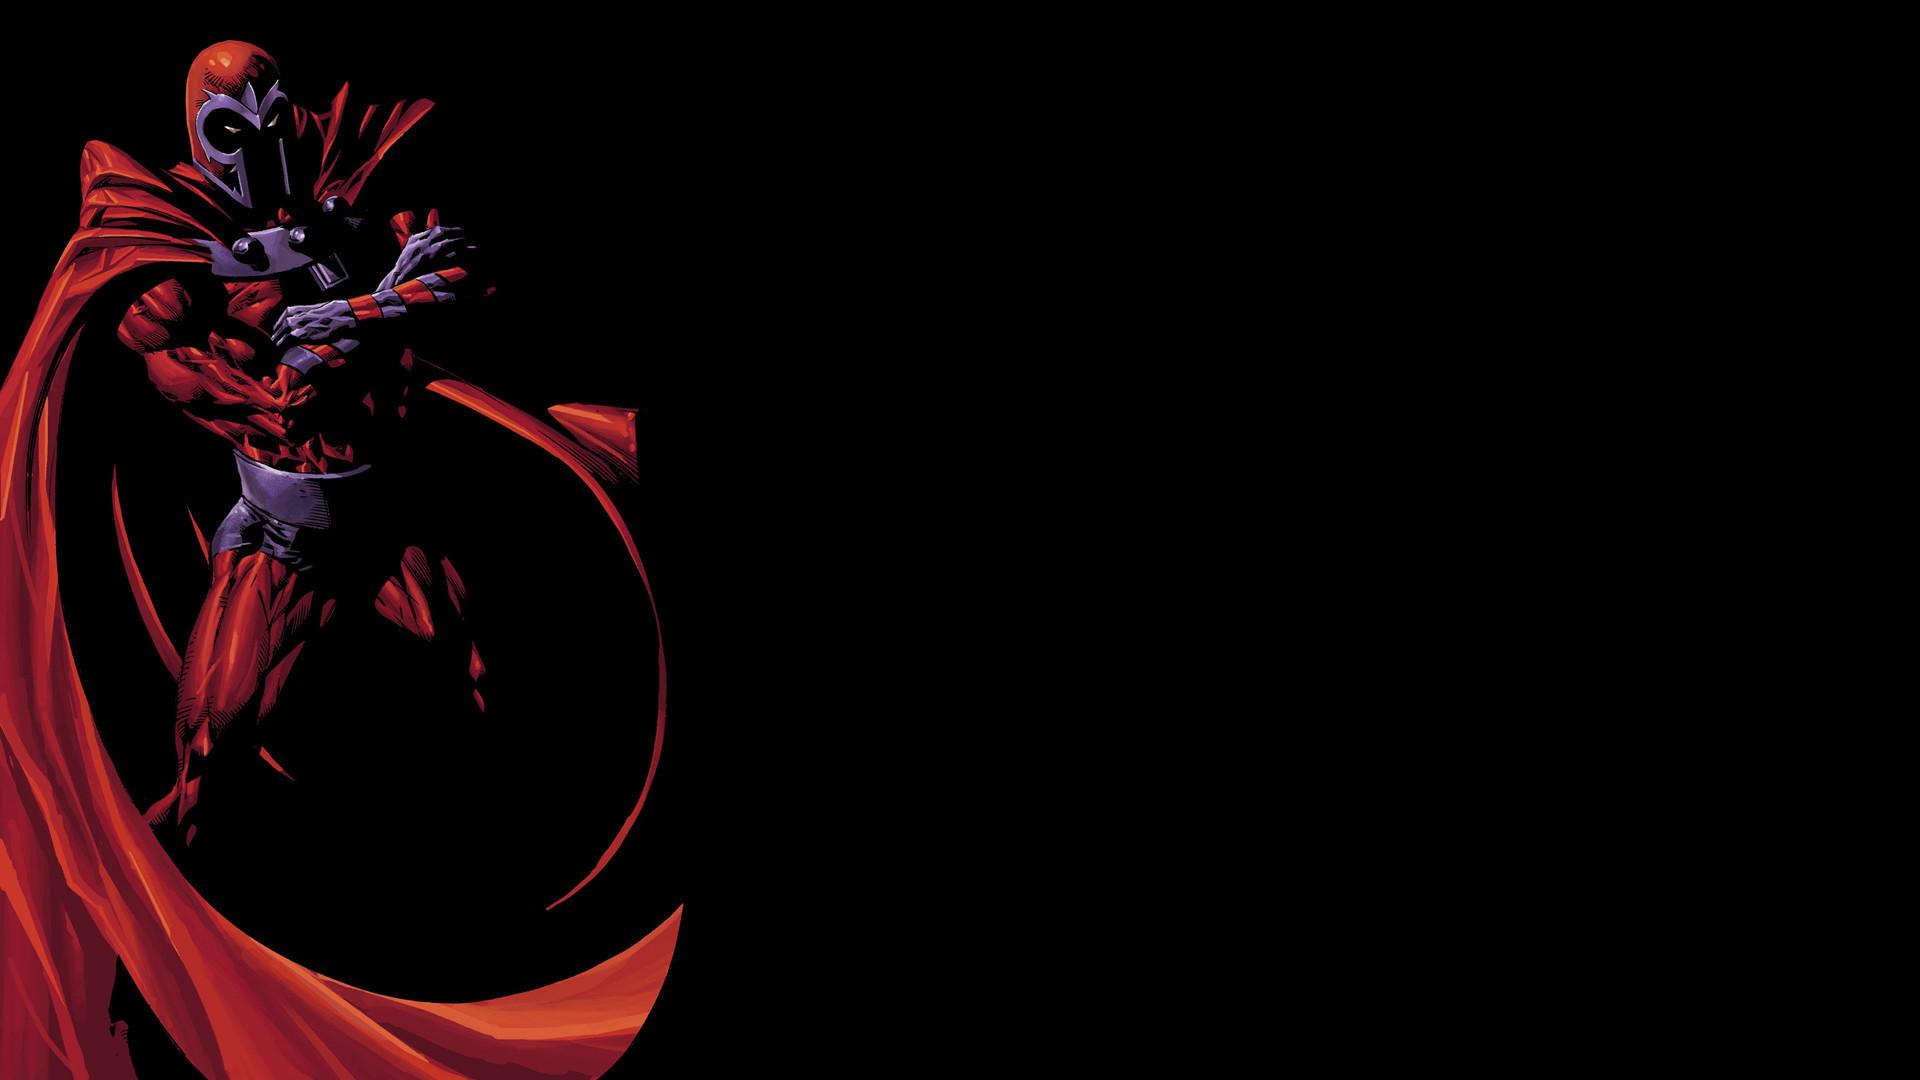 Fantastic Wallpaper Marvel Beast - 206232  Snapshot_976567.jpg